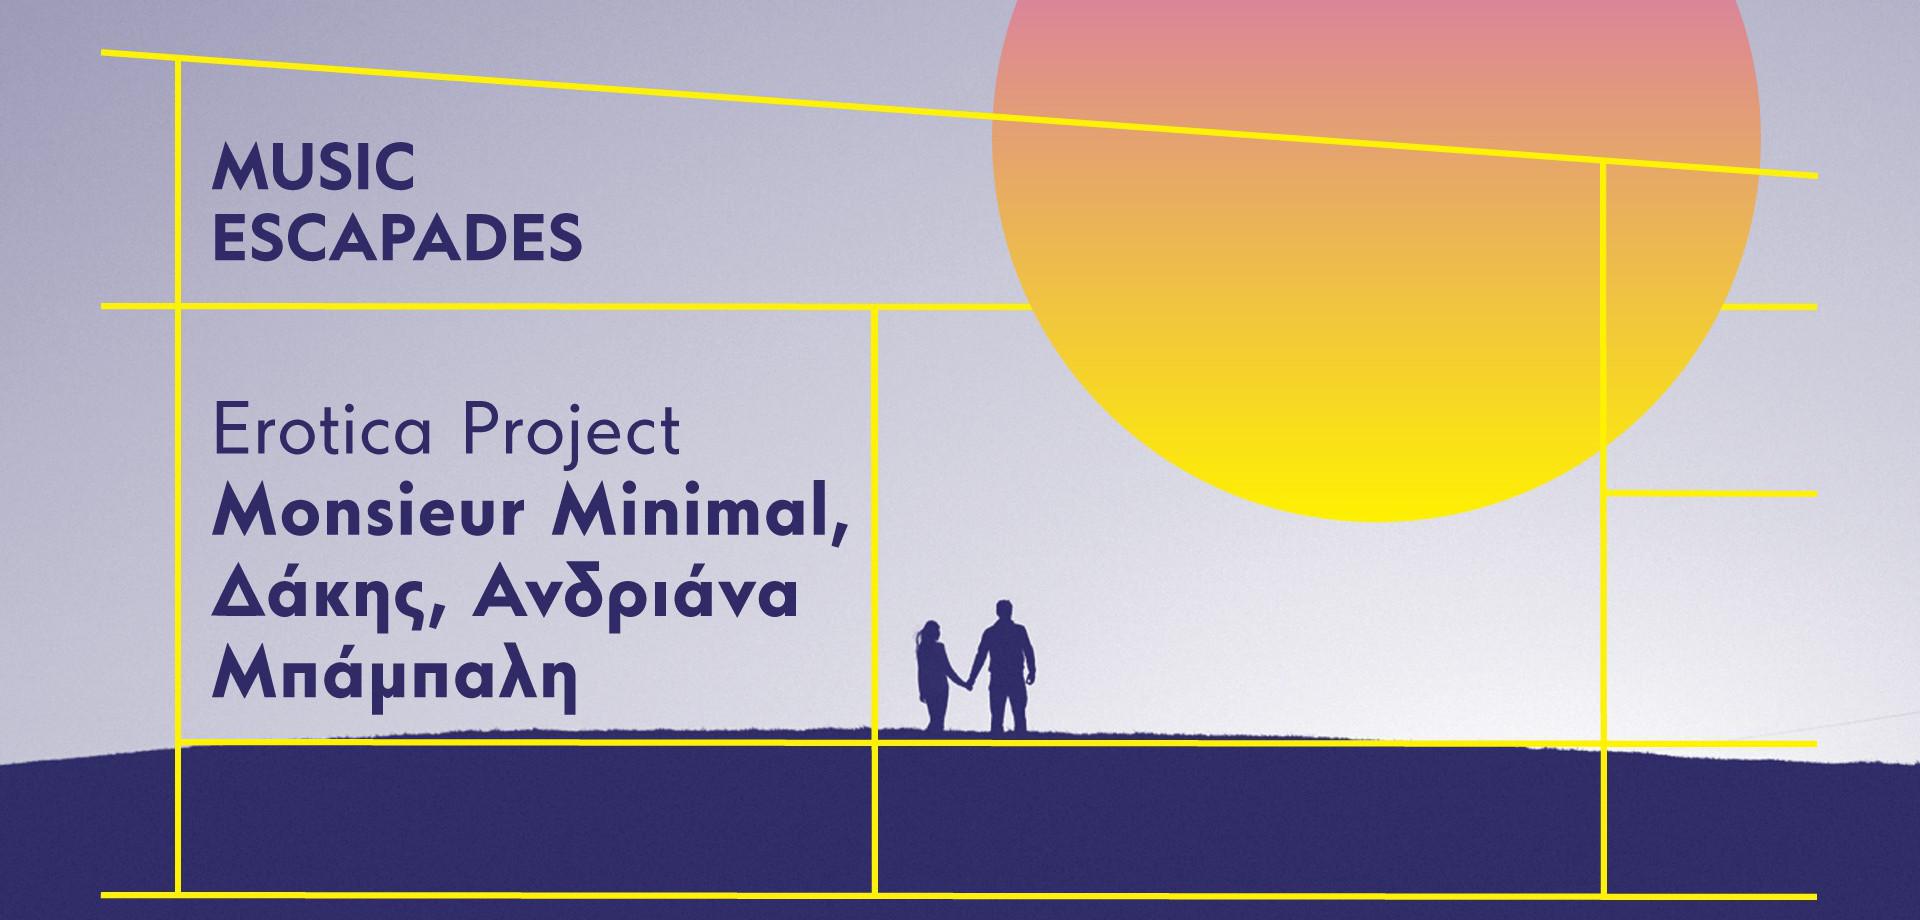 Music Escapades: Erotica Project